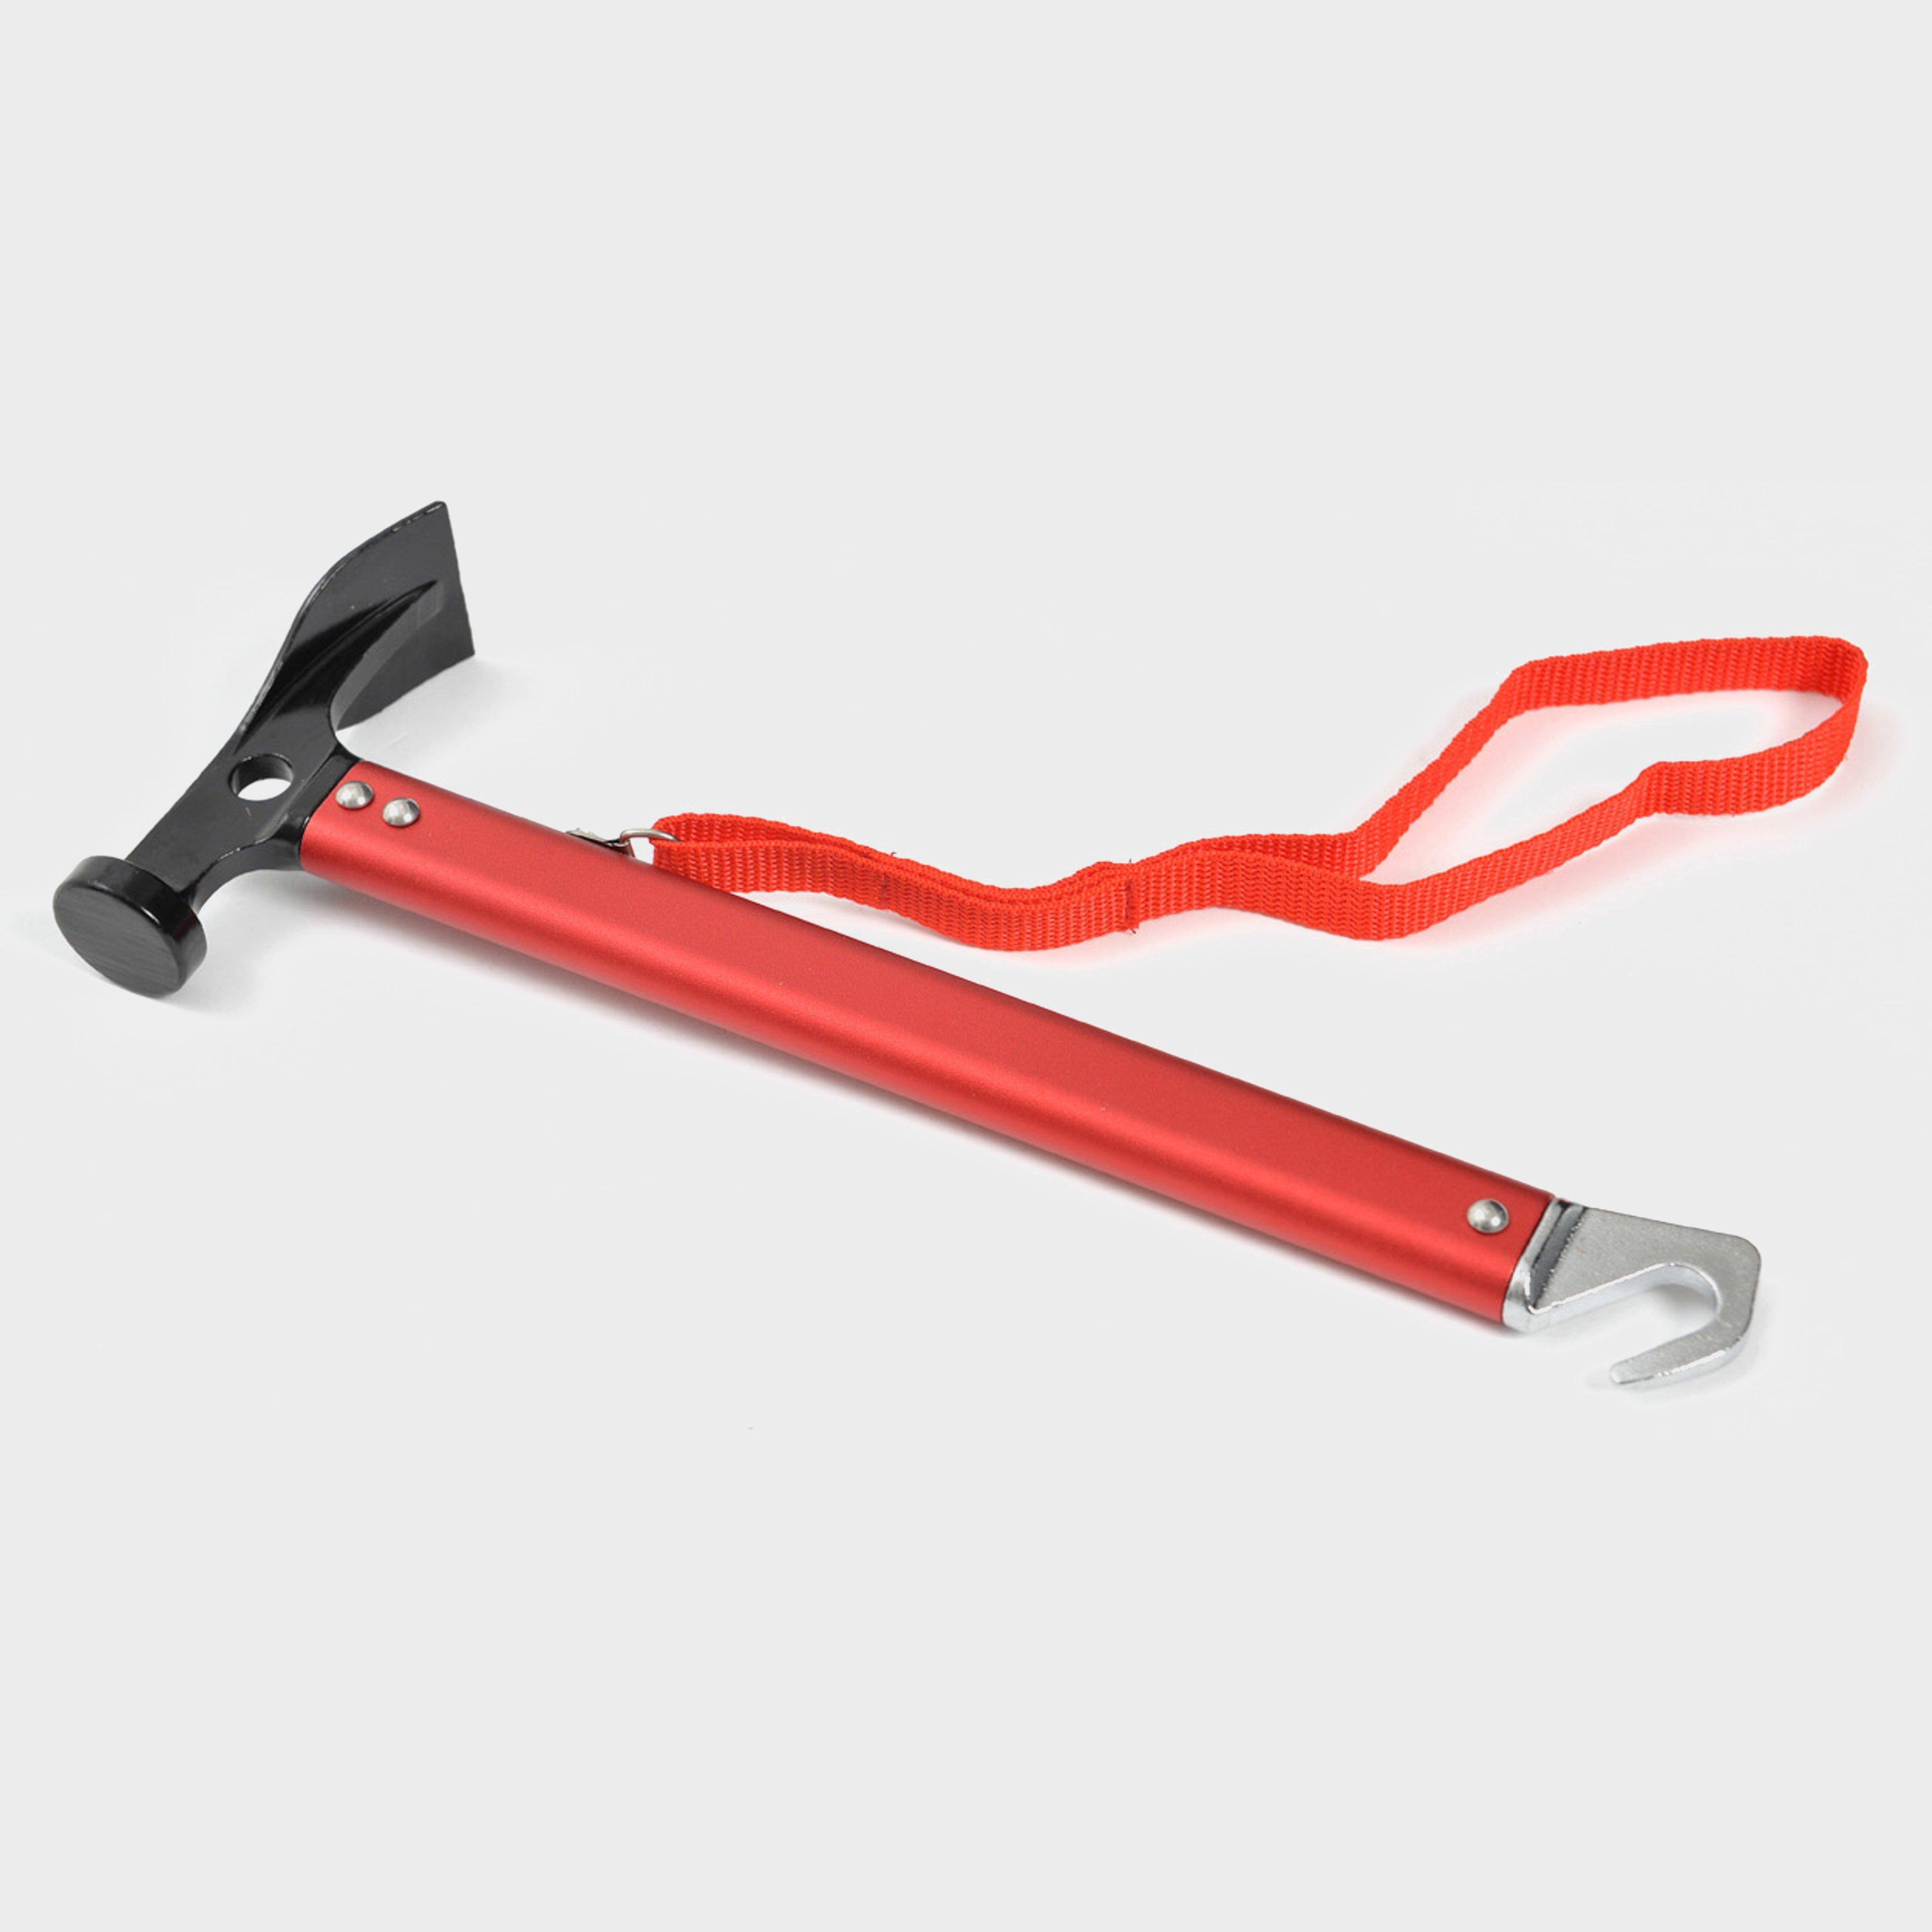 Oex Oex Hammer inc. Aluminium Handle and Peg Pull - Orange, Orange